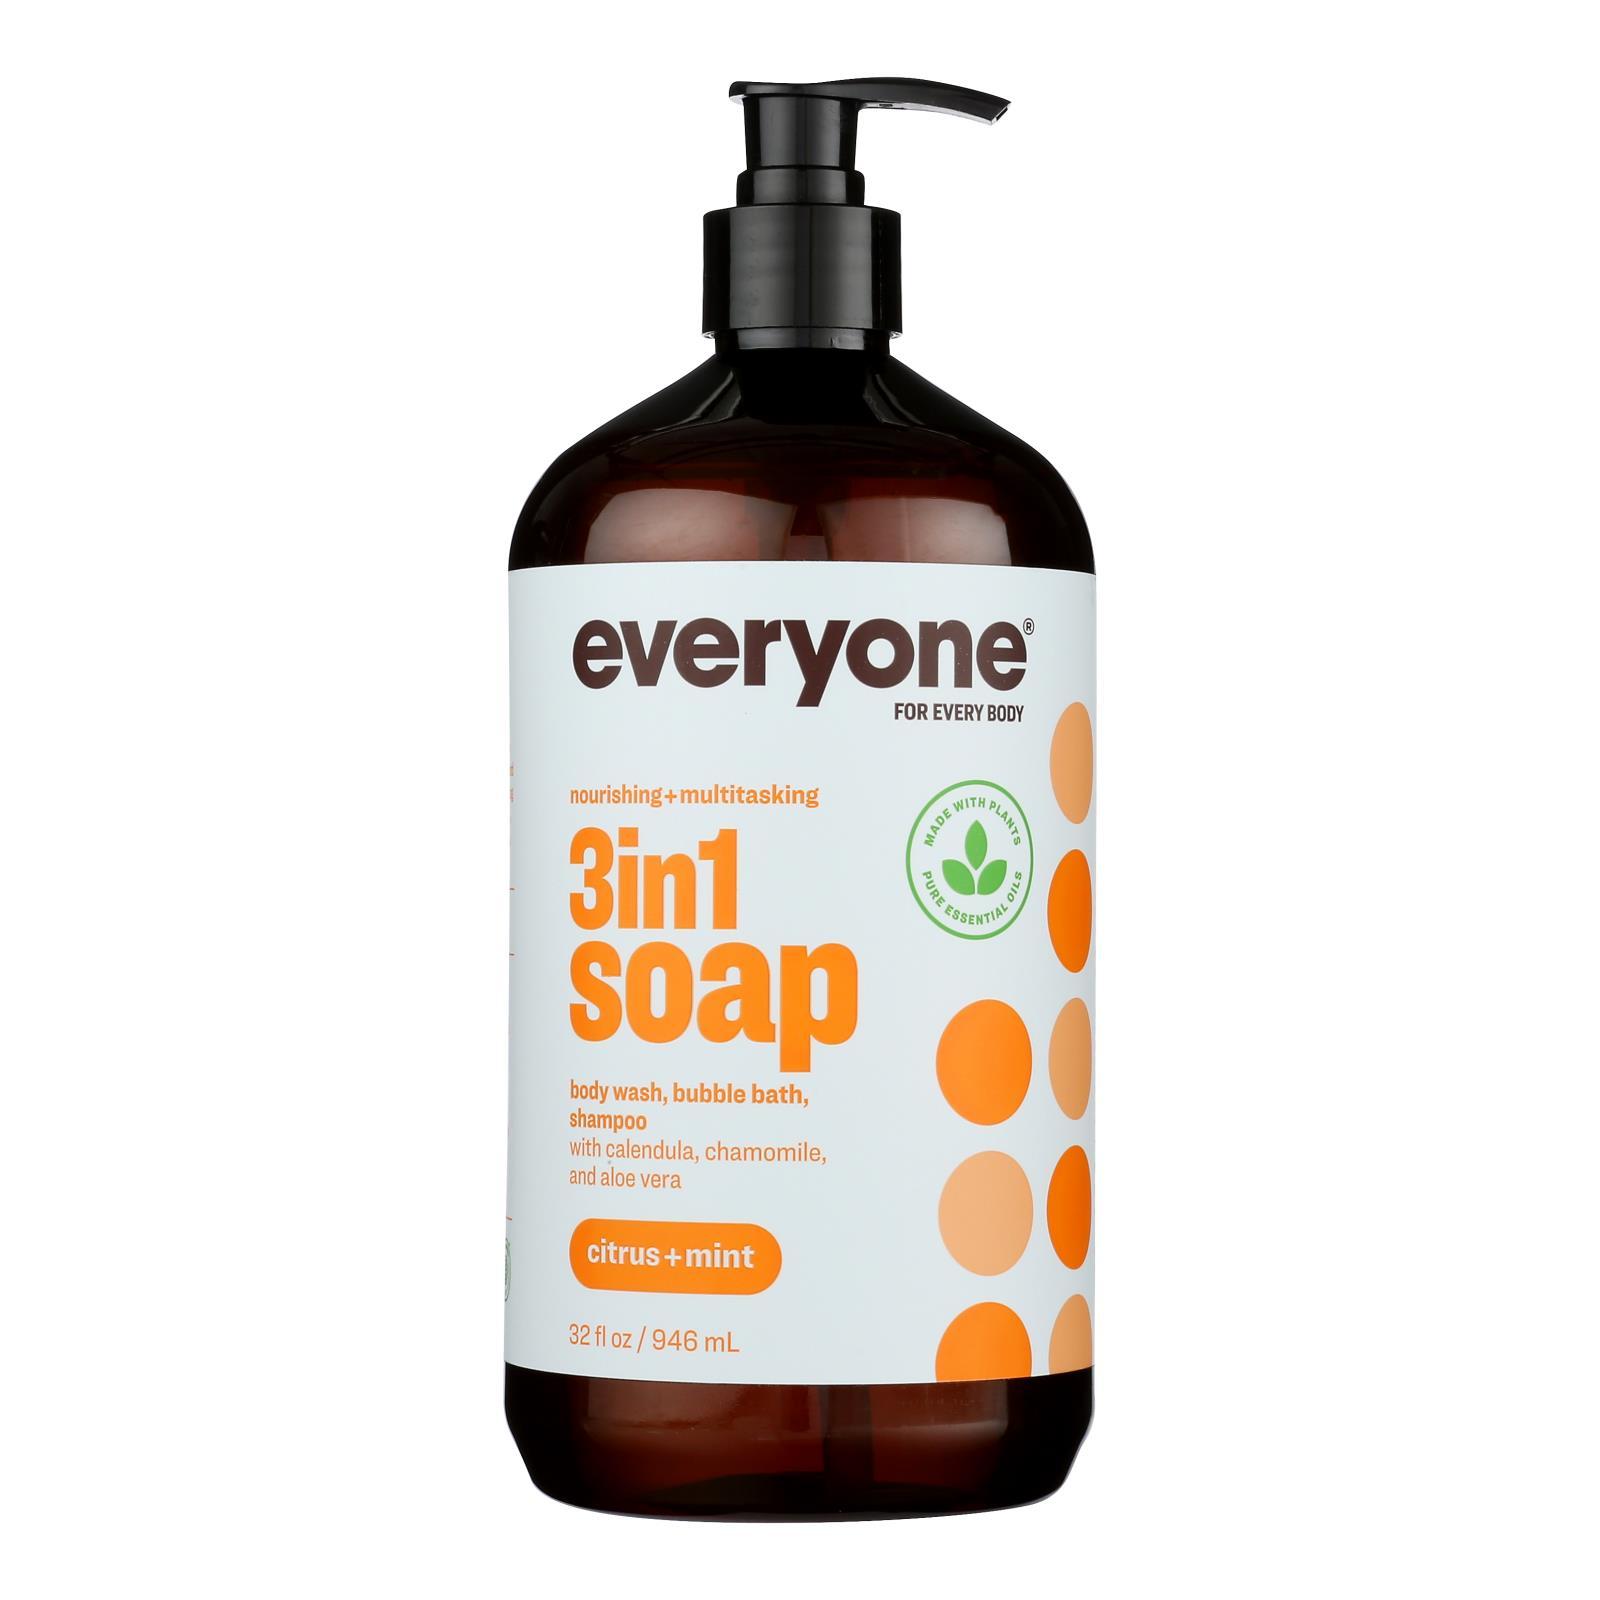 EO Products - EveryOne Liquid Soap Citrus and Mint - 32 fl oz